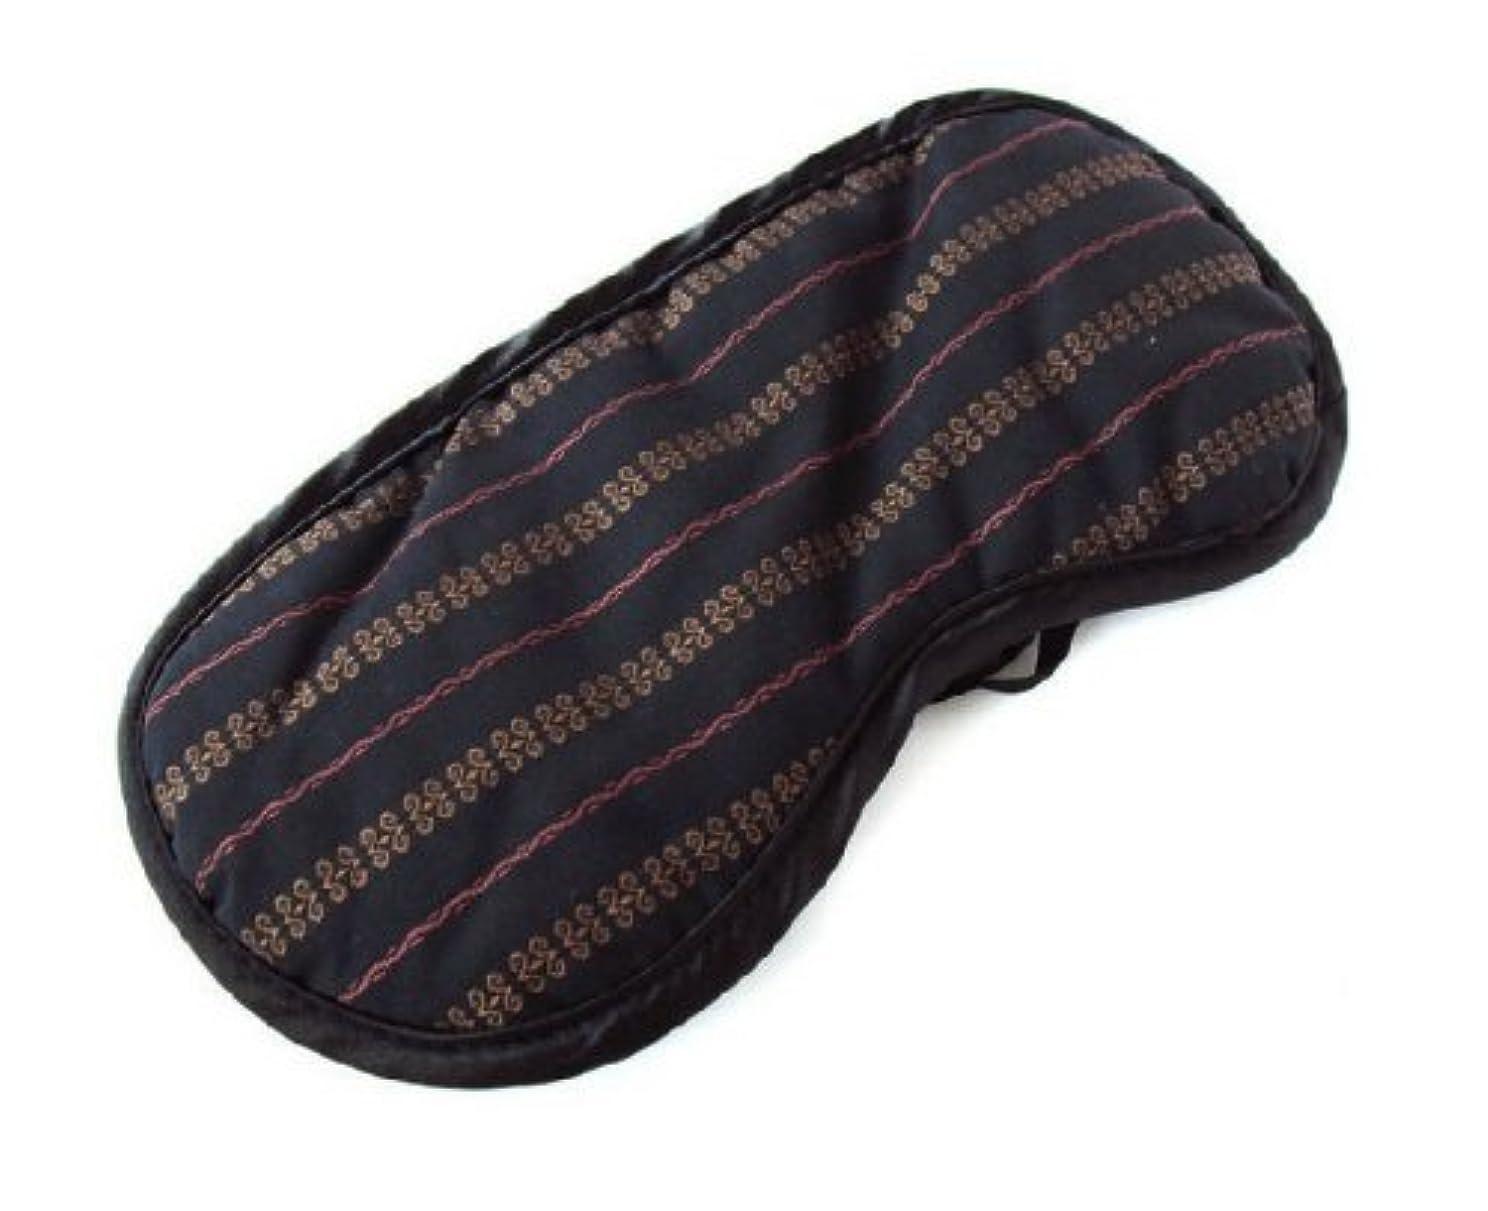 代わりに古風な良い快適な睡眠の目のマスクオフィス睡眠の目のマスク調節可能なストラップ